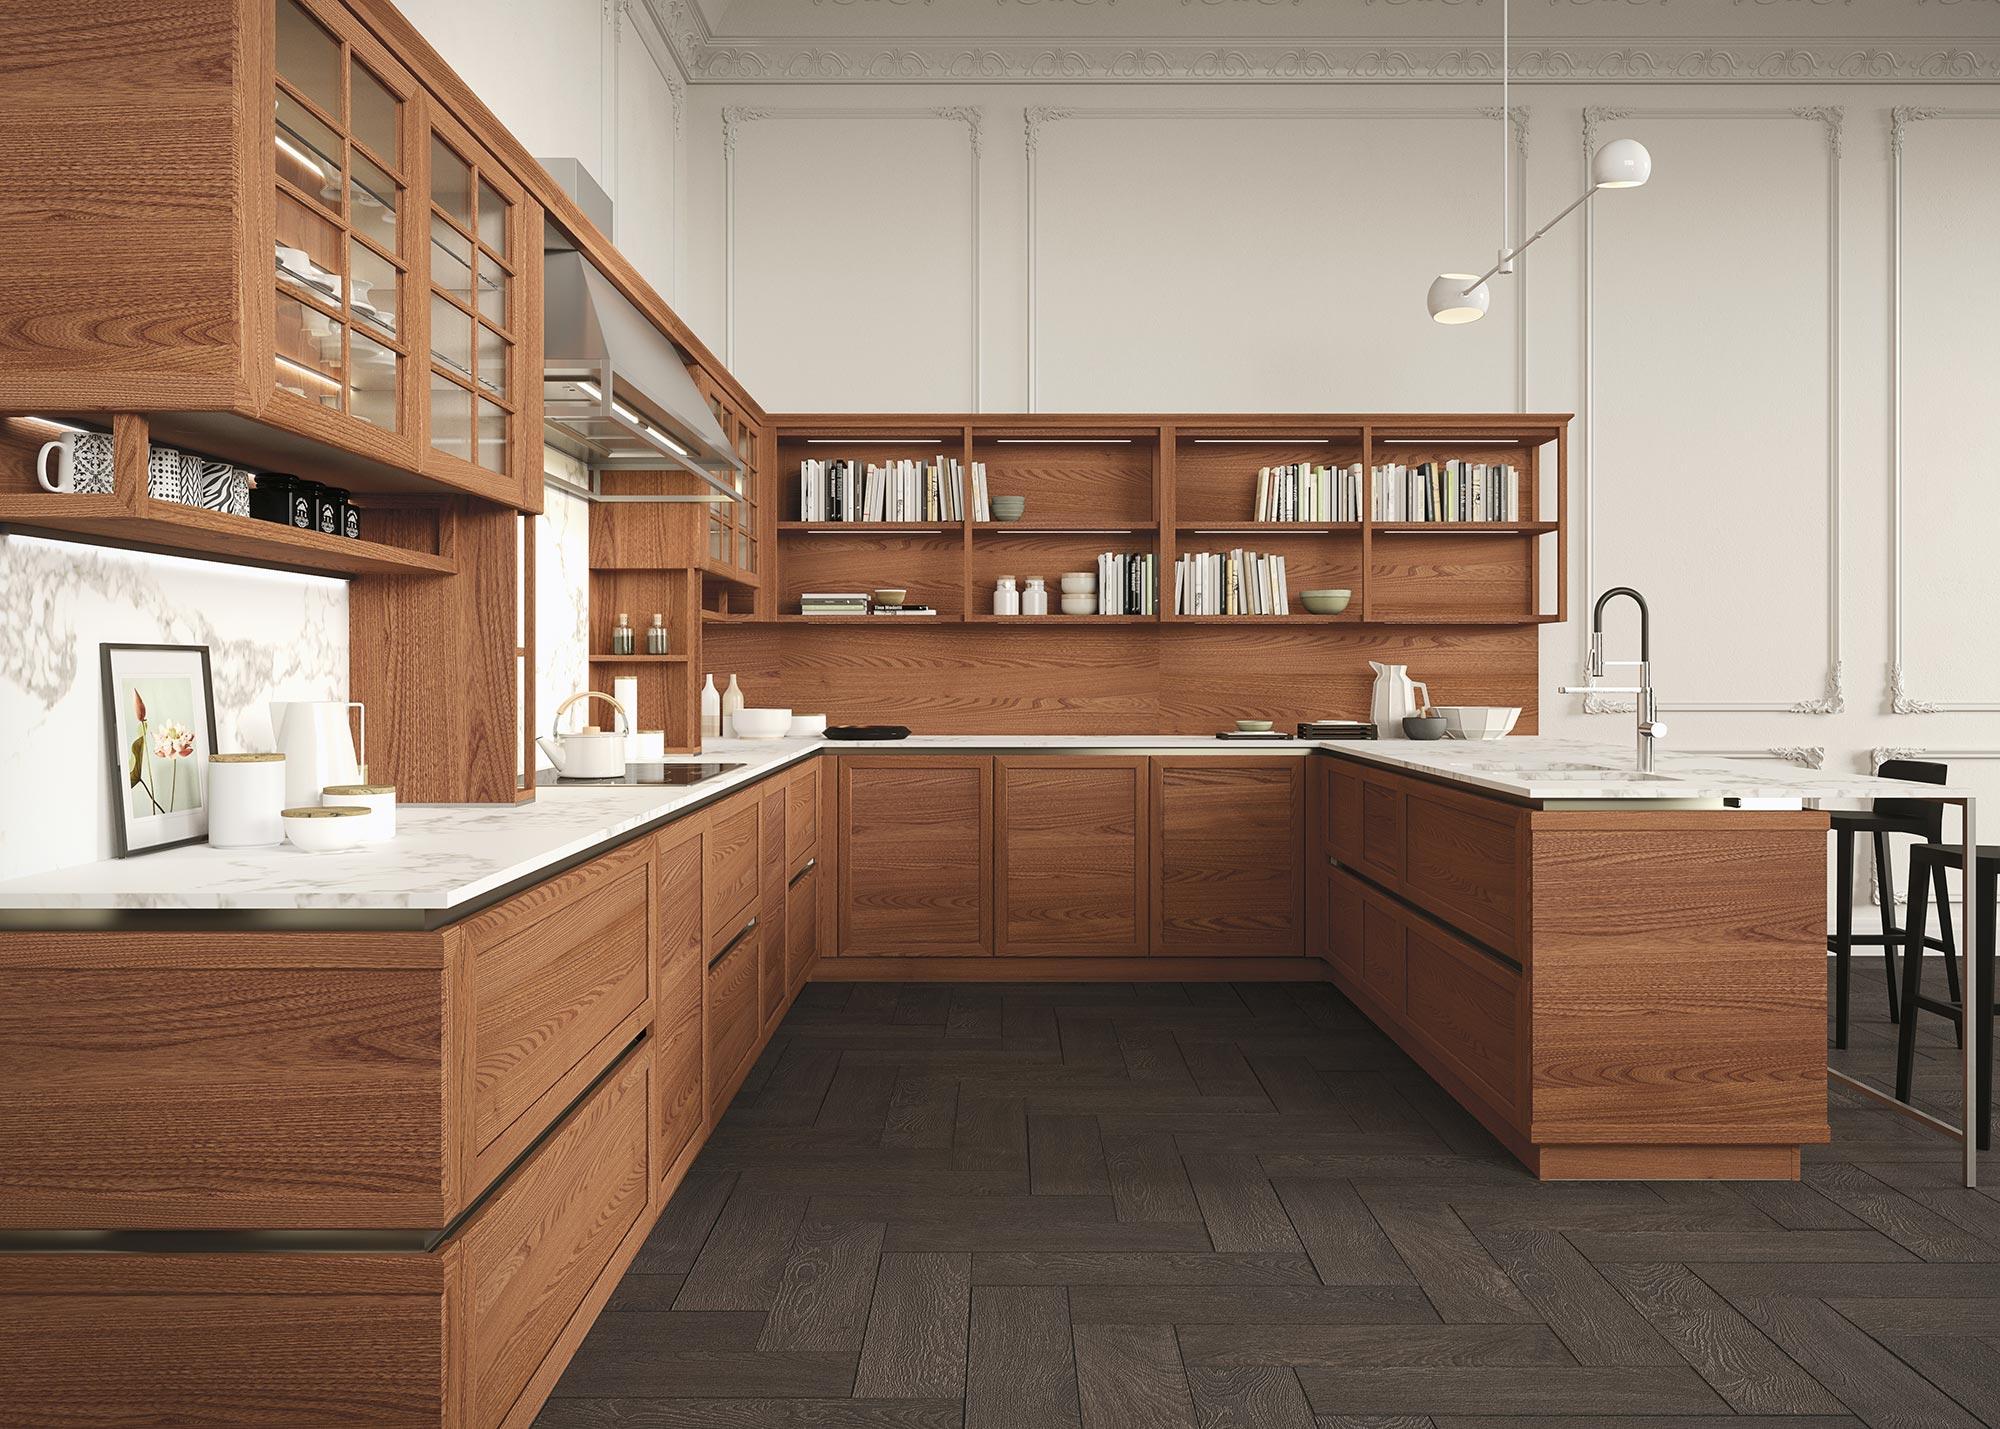 cucina-dettaglio-Heritage-olmo-fokos-4